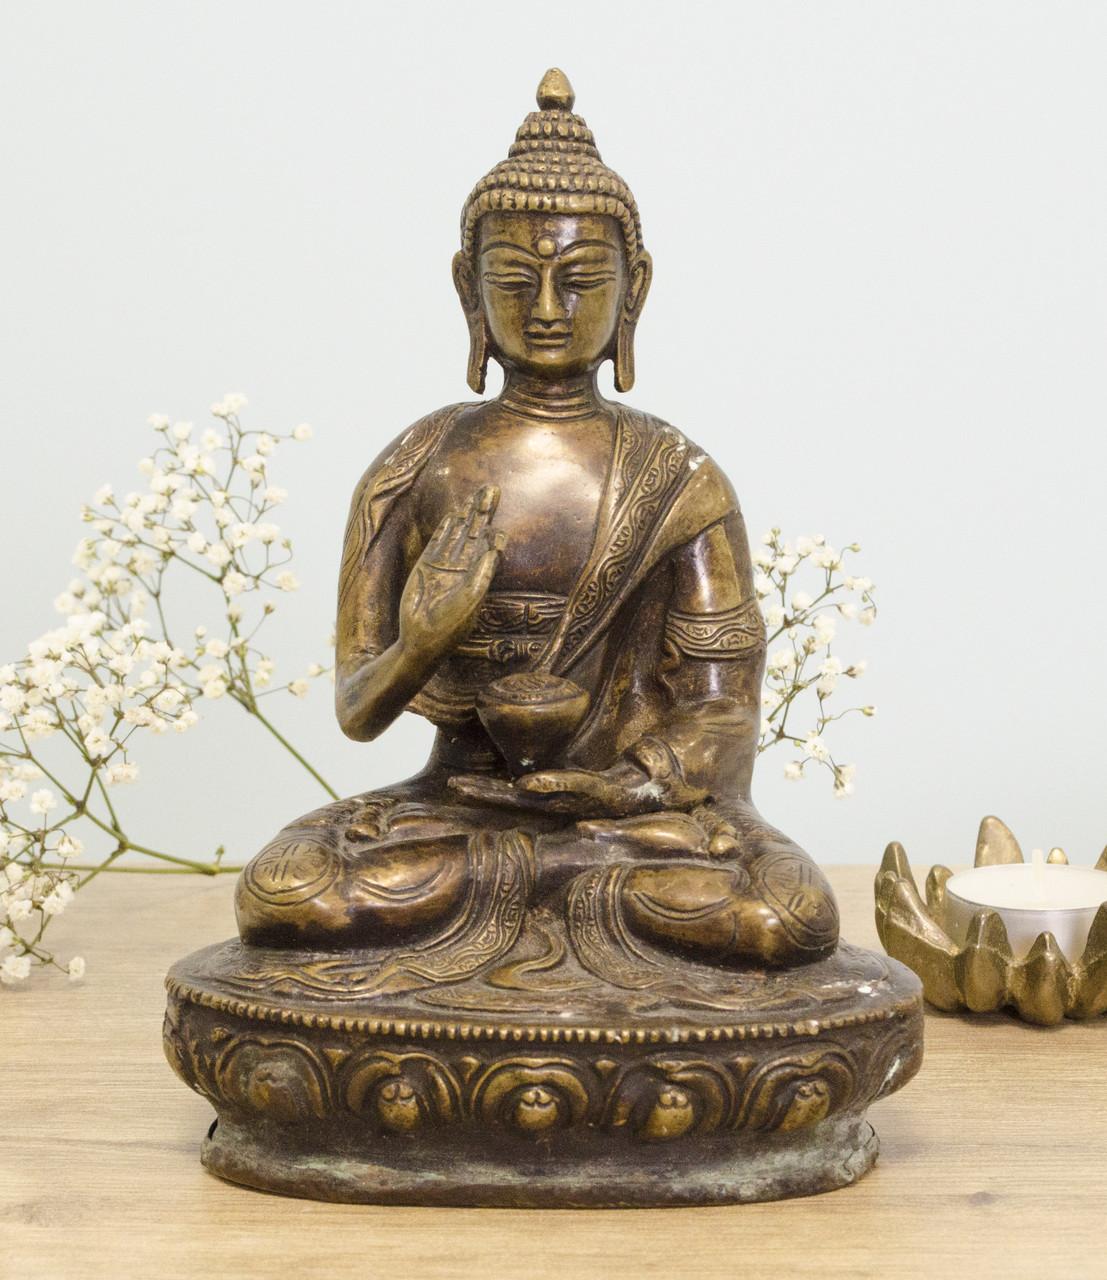 Старая бронзовая статуэтка, Будда Амитабха, бронза, Европа